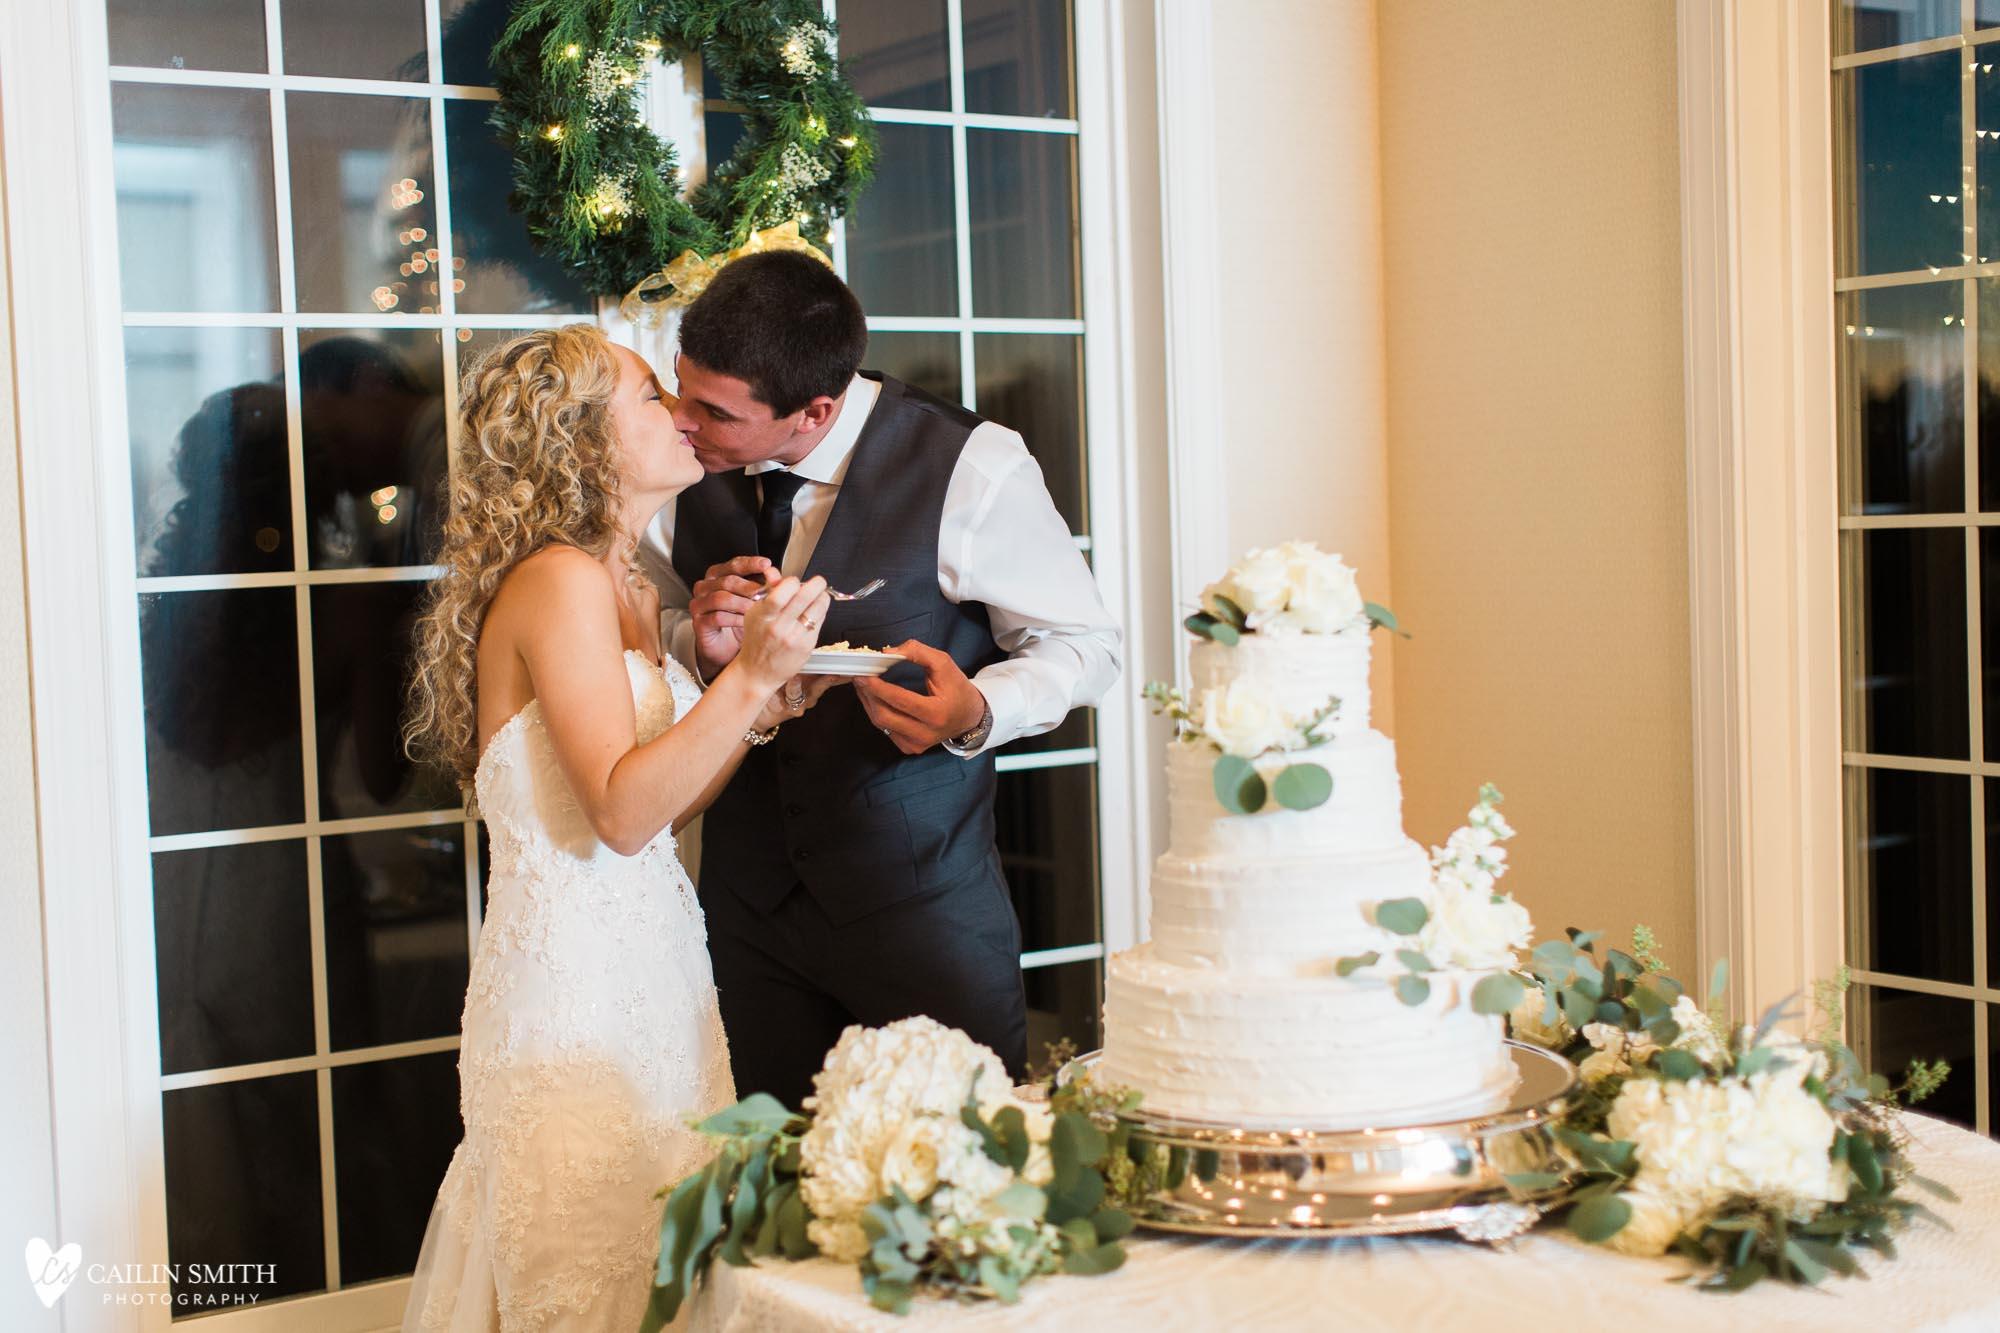 Leah_Major_St_Marys_Wedding_Photography_105.jpg